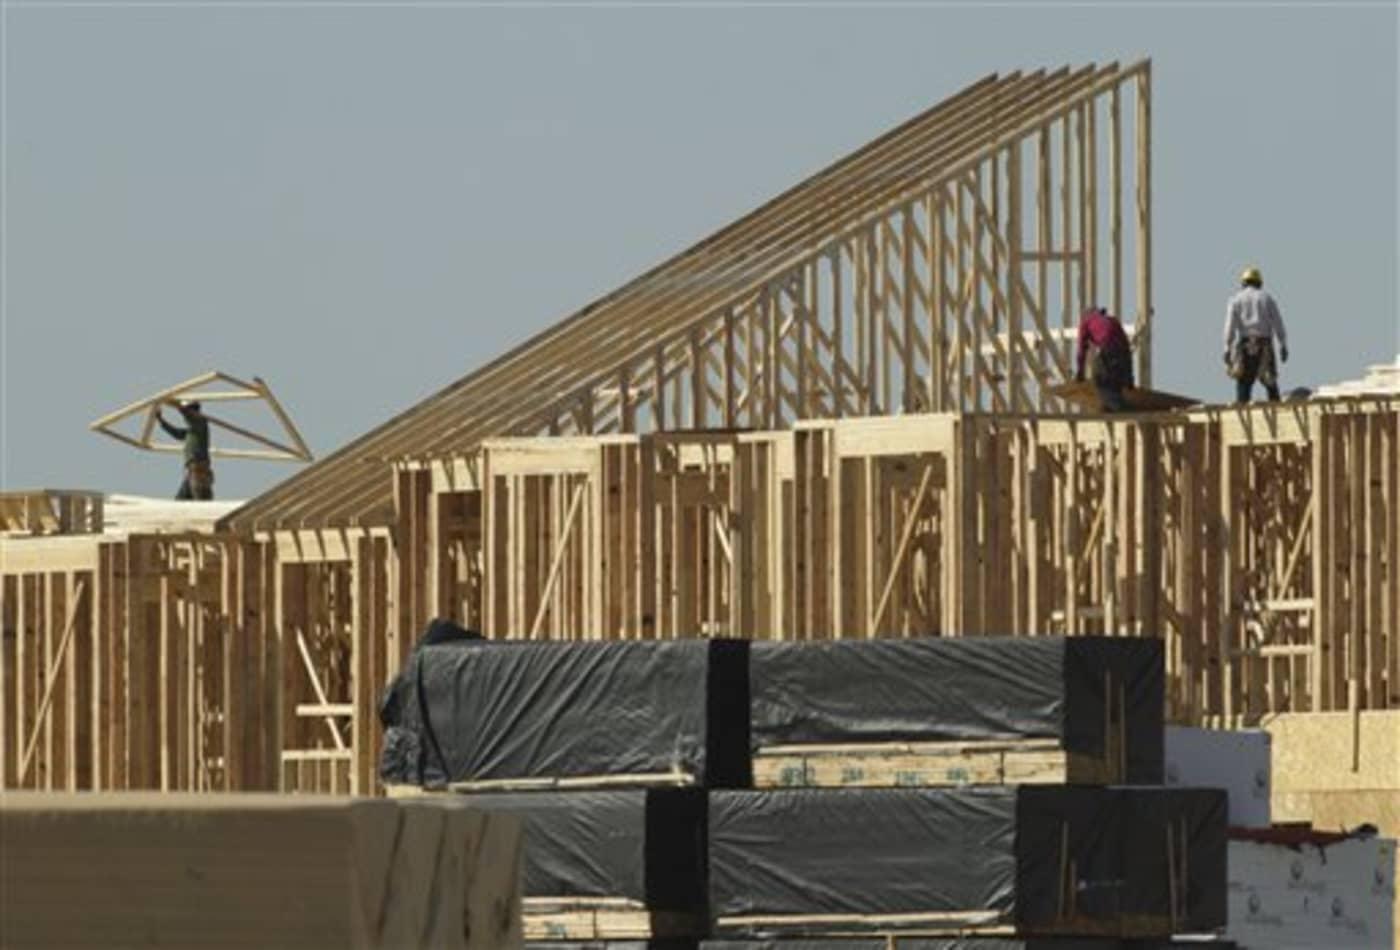 housing starts-273541709_v2.jpg